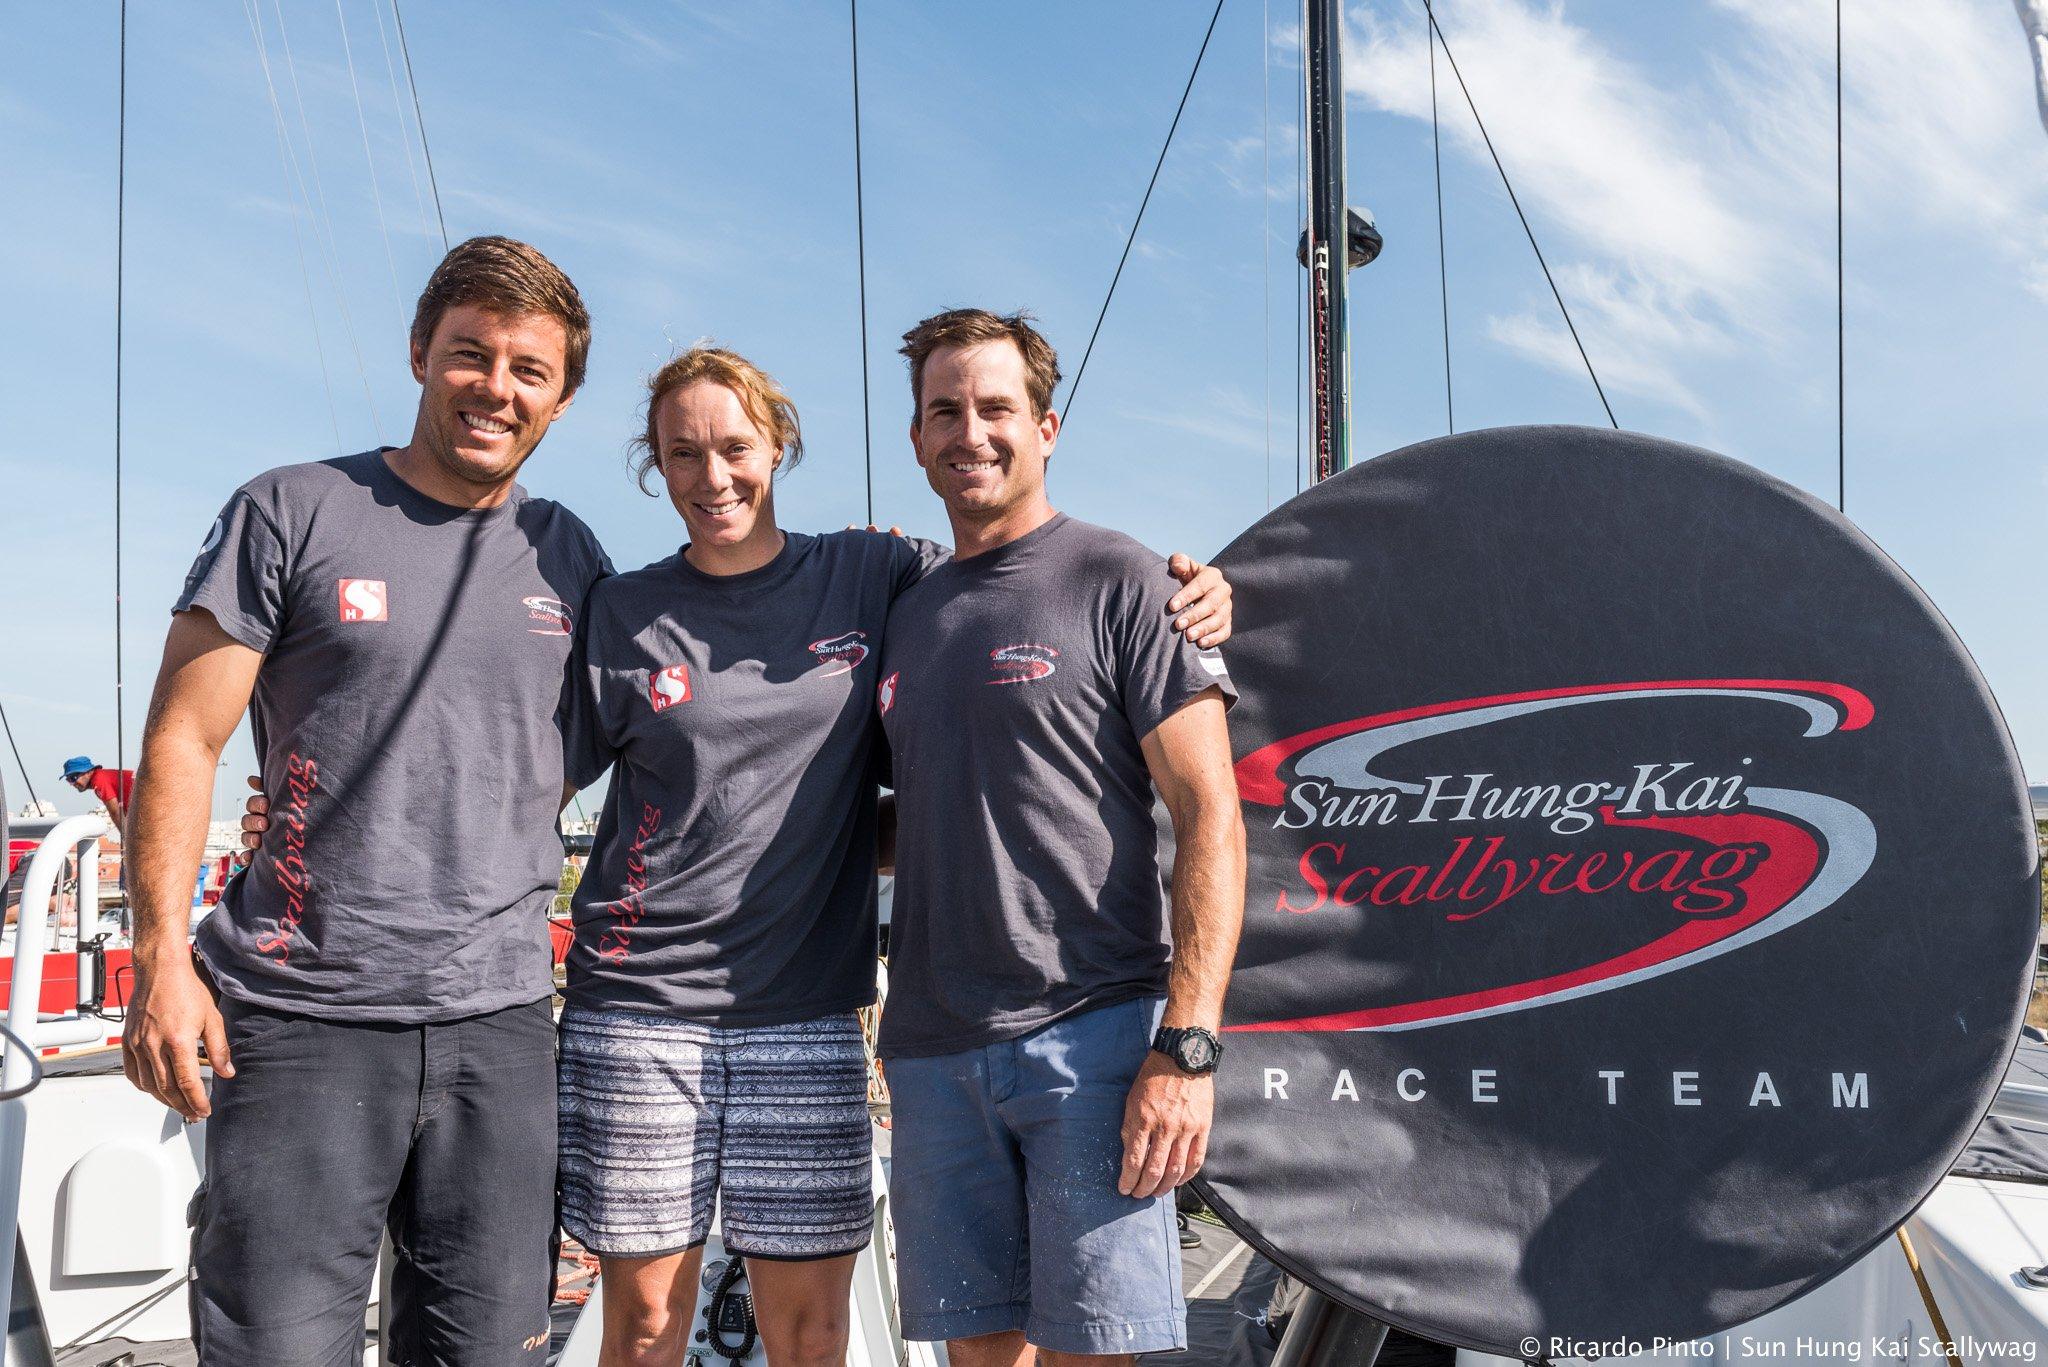 Nederlandse zeilster Annemieke Bes naar Team Scallywag